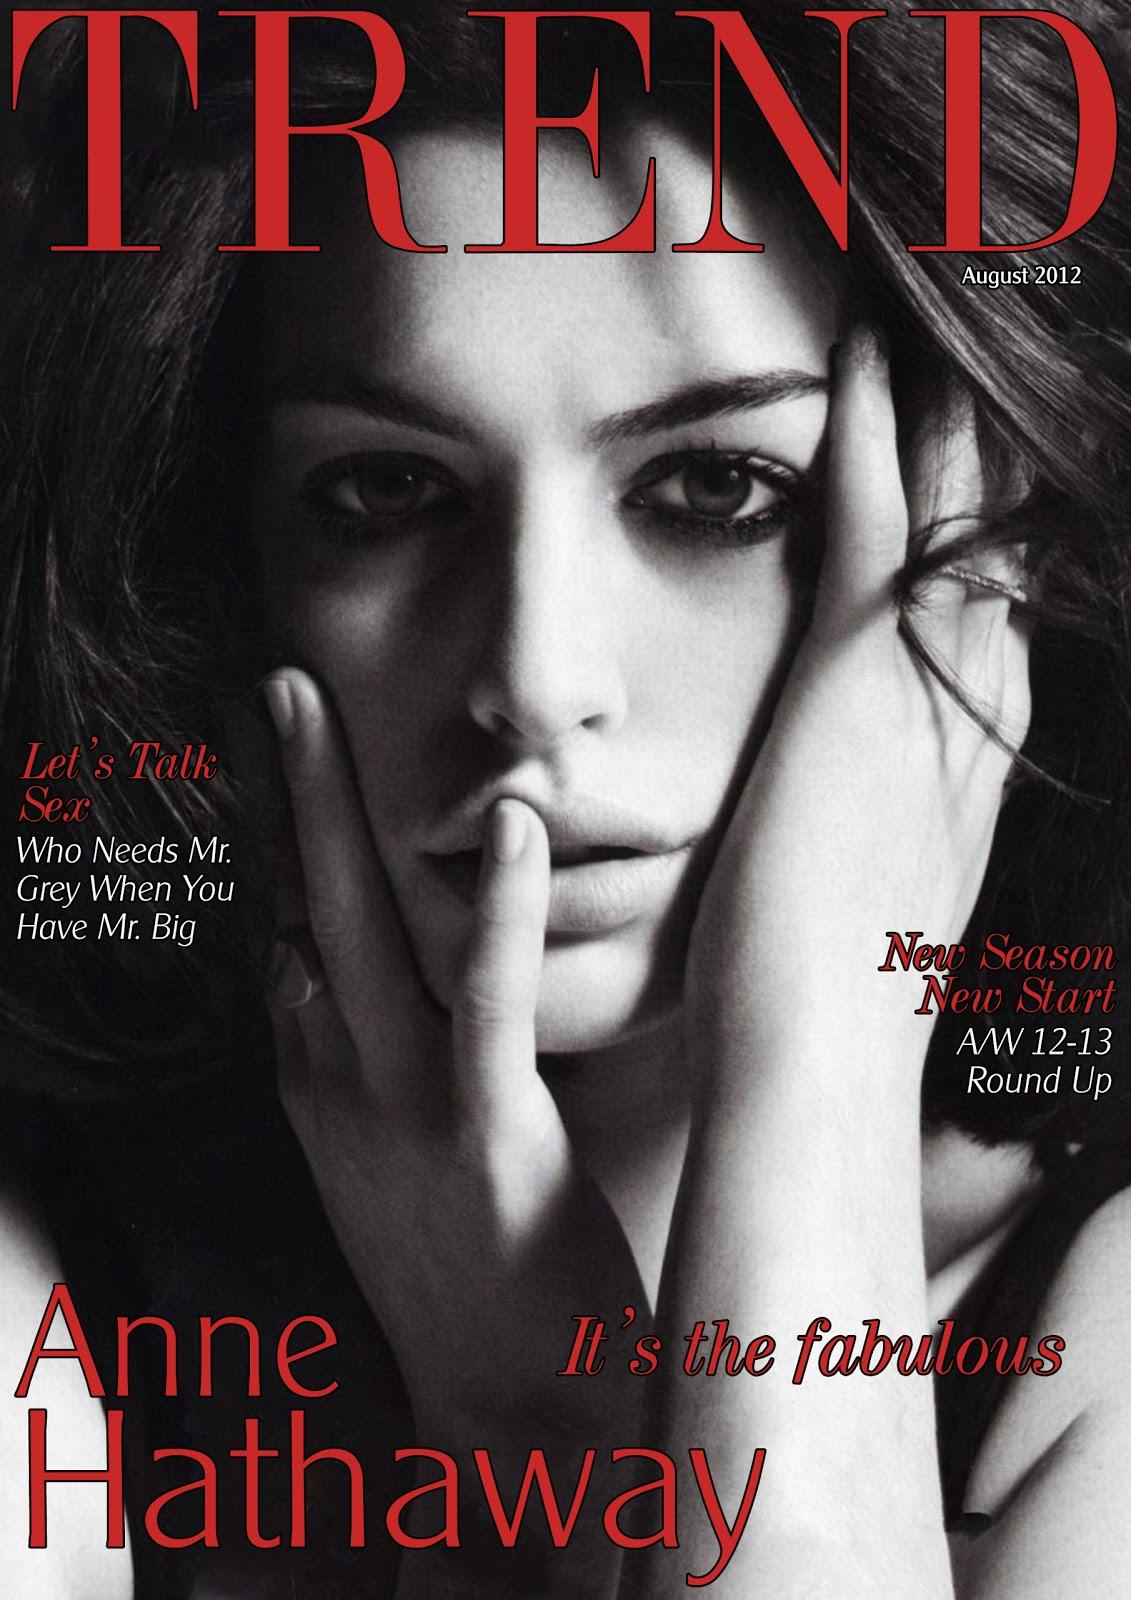 http://1.bp.blogspot.com/-_Z5qGZ1Tn4c/UBrWf4aurJI/AAAAAAAABxI/Sb0VmcpkYAc/s1600/Anne+Hathaway+August+2012+TREND.jpg